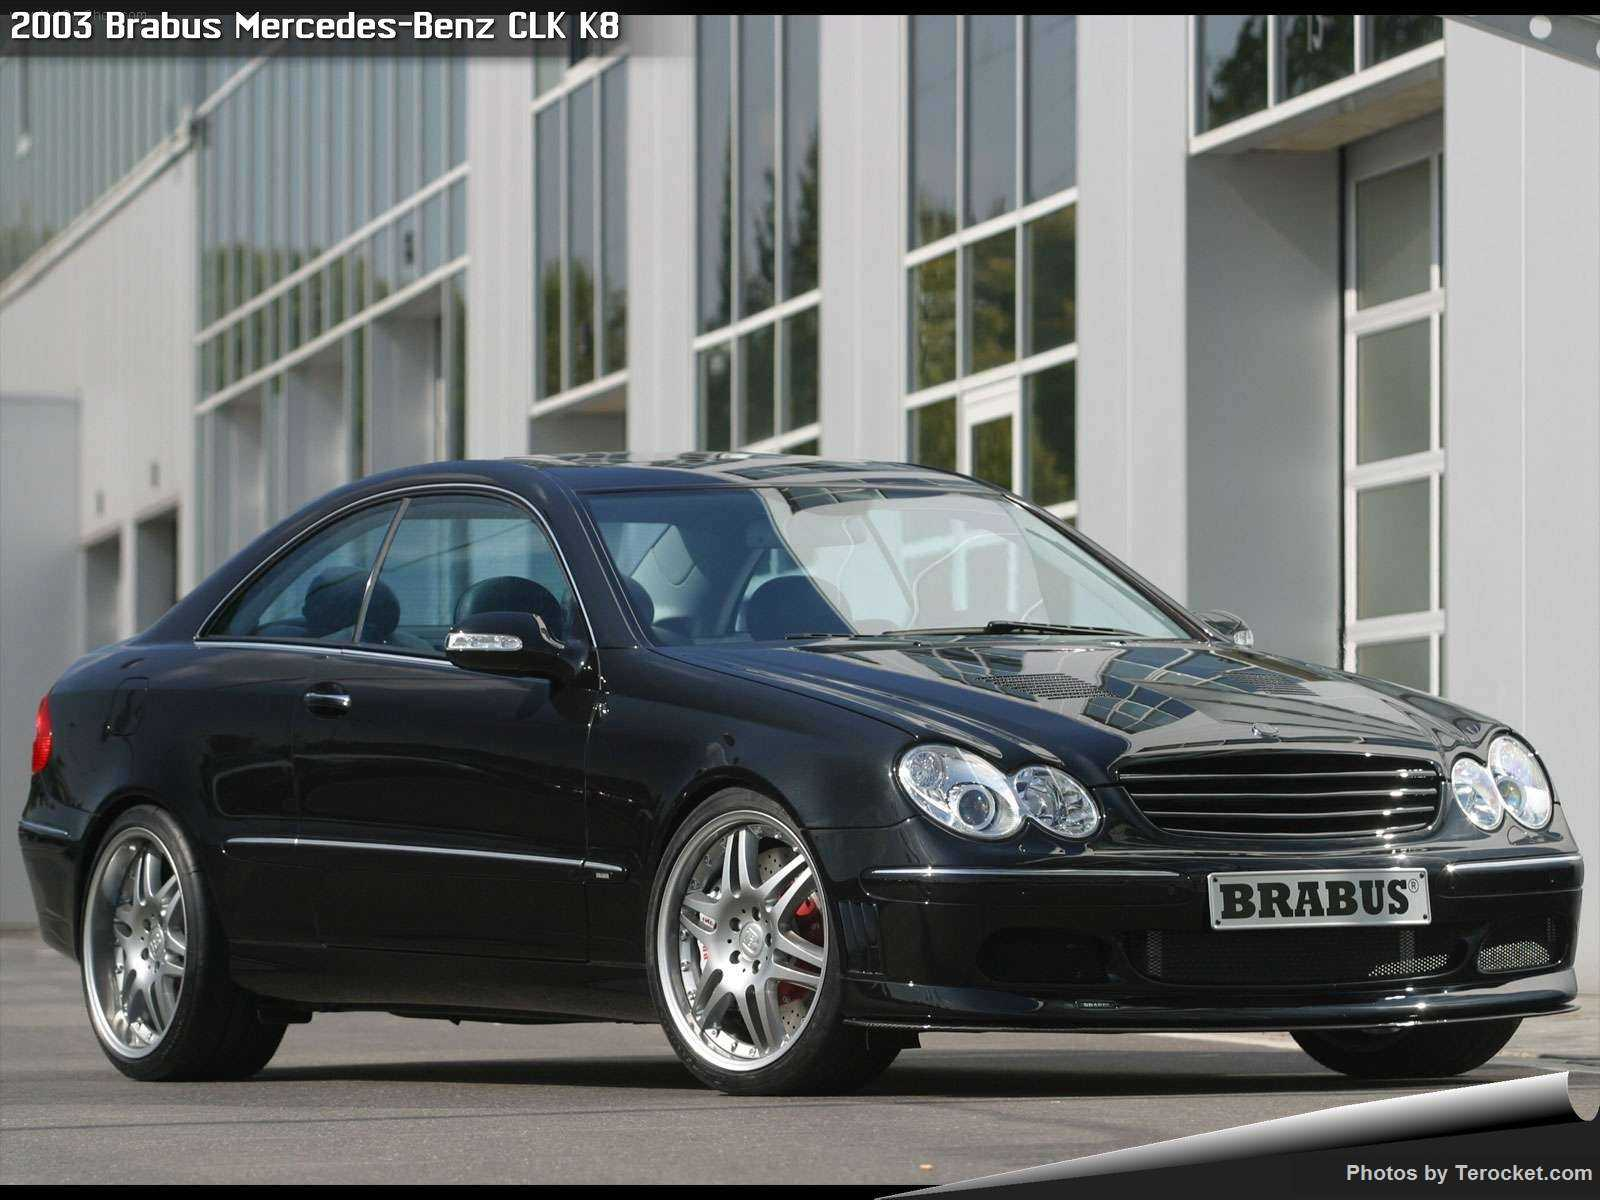 Hình ảnh xe ô tô Brabus Mercedes-Benz CLK K8 2003 & nội ngoại thất